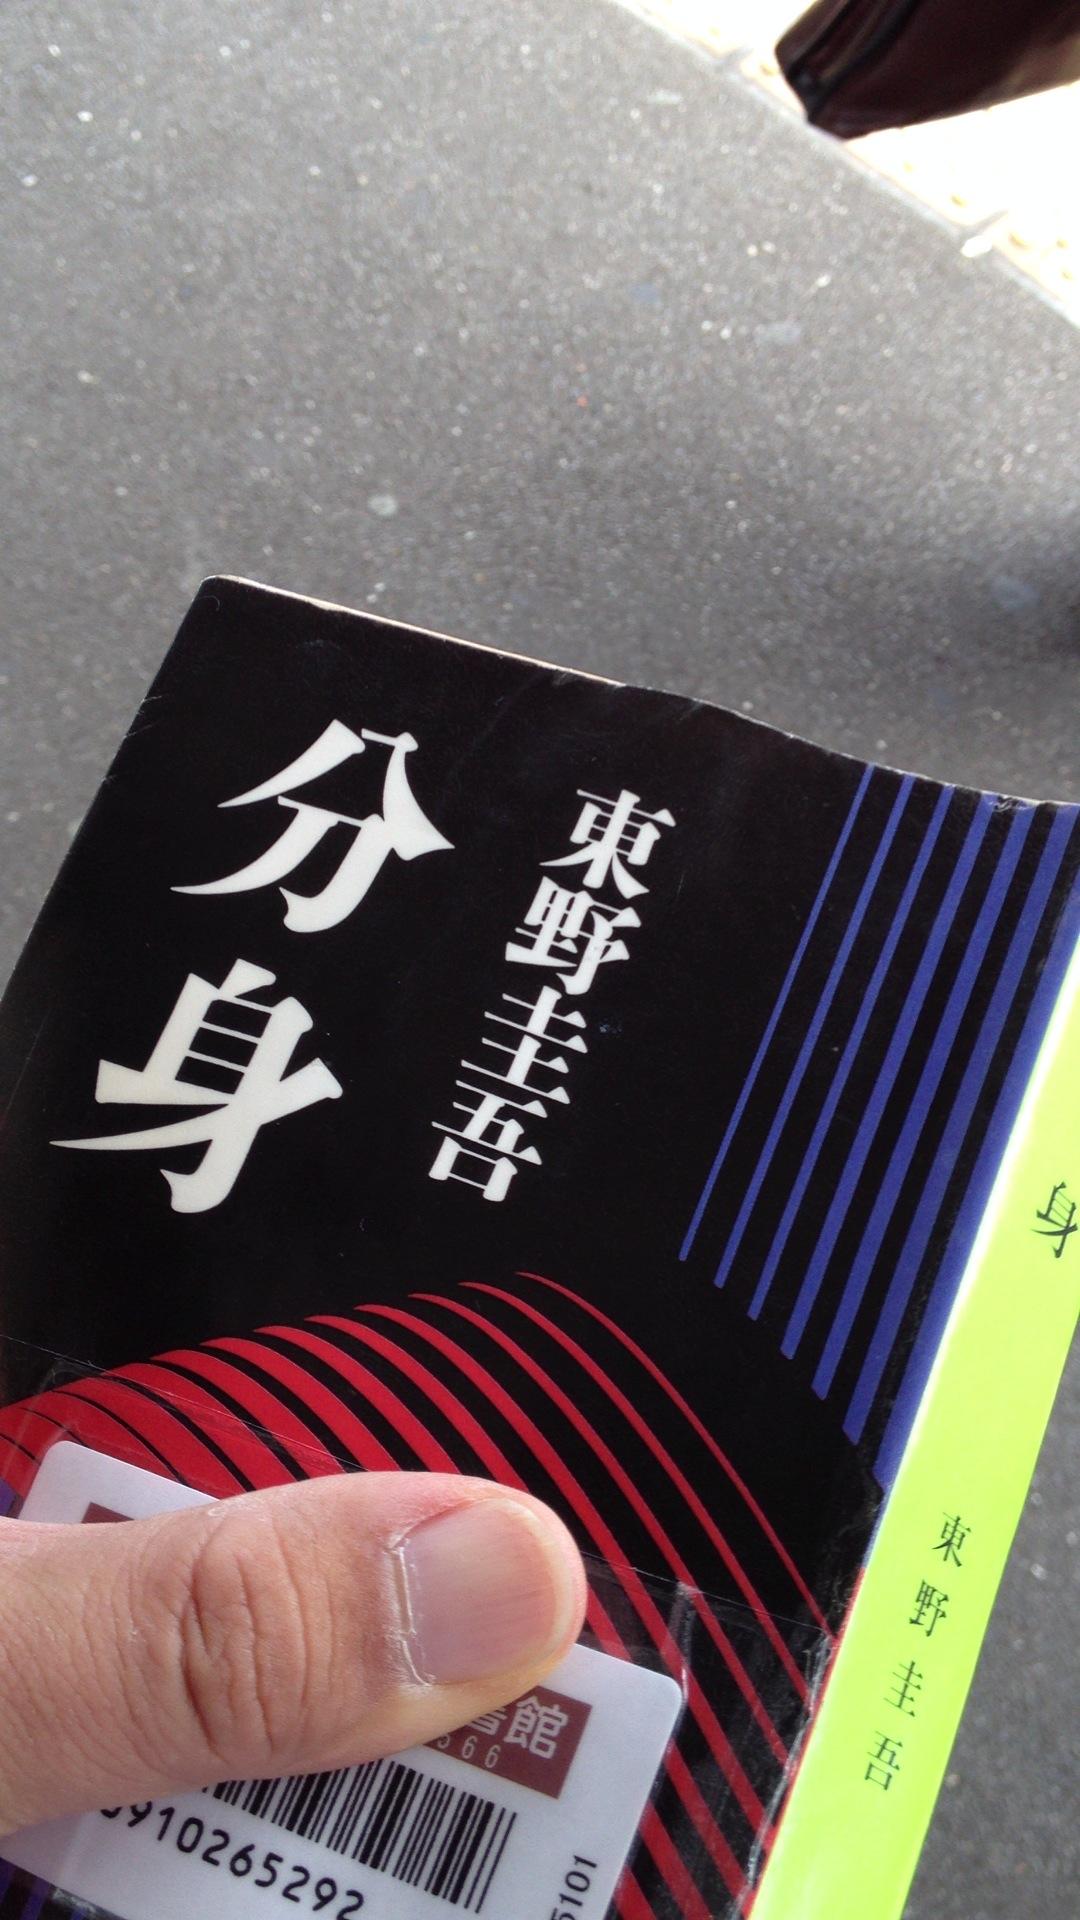 「分身 東野圭吾」集英社文庫